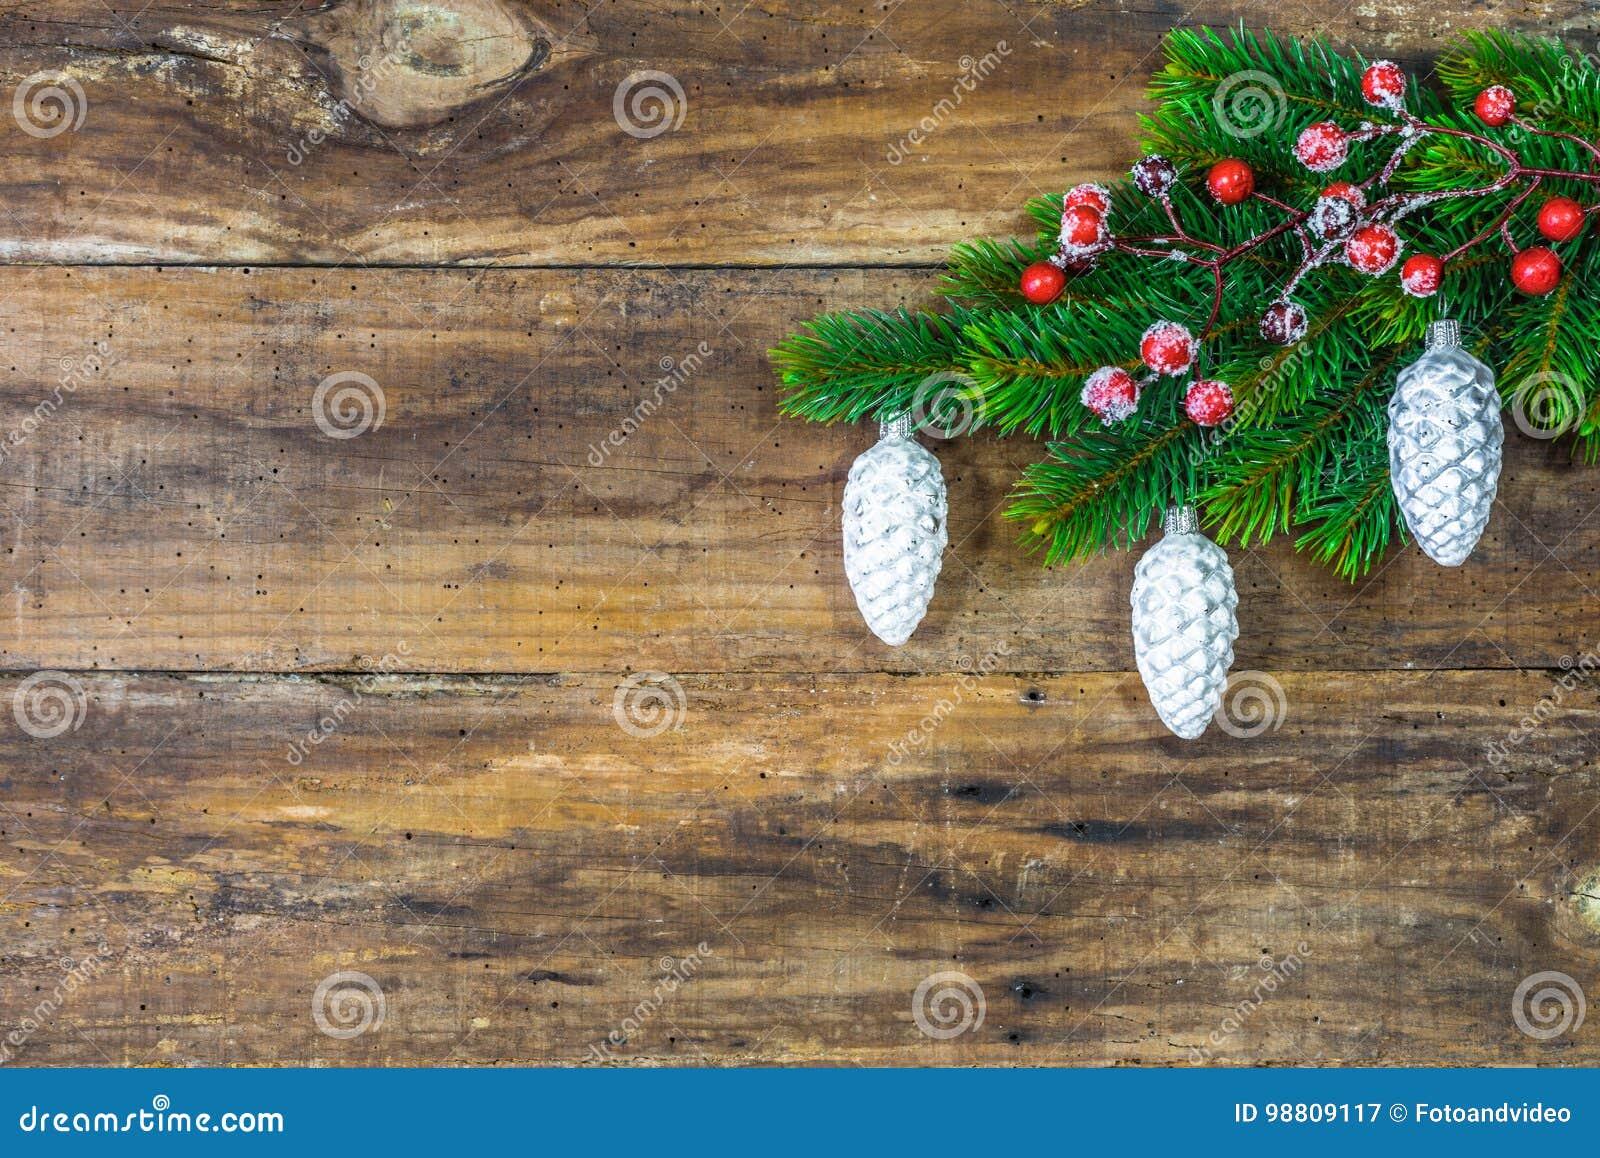 Il Natale orna l attaccatura sul ramo verde dell abete sopra il bordo di legno rustico